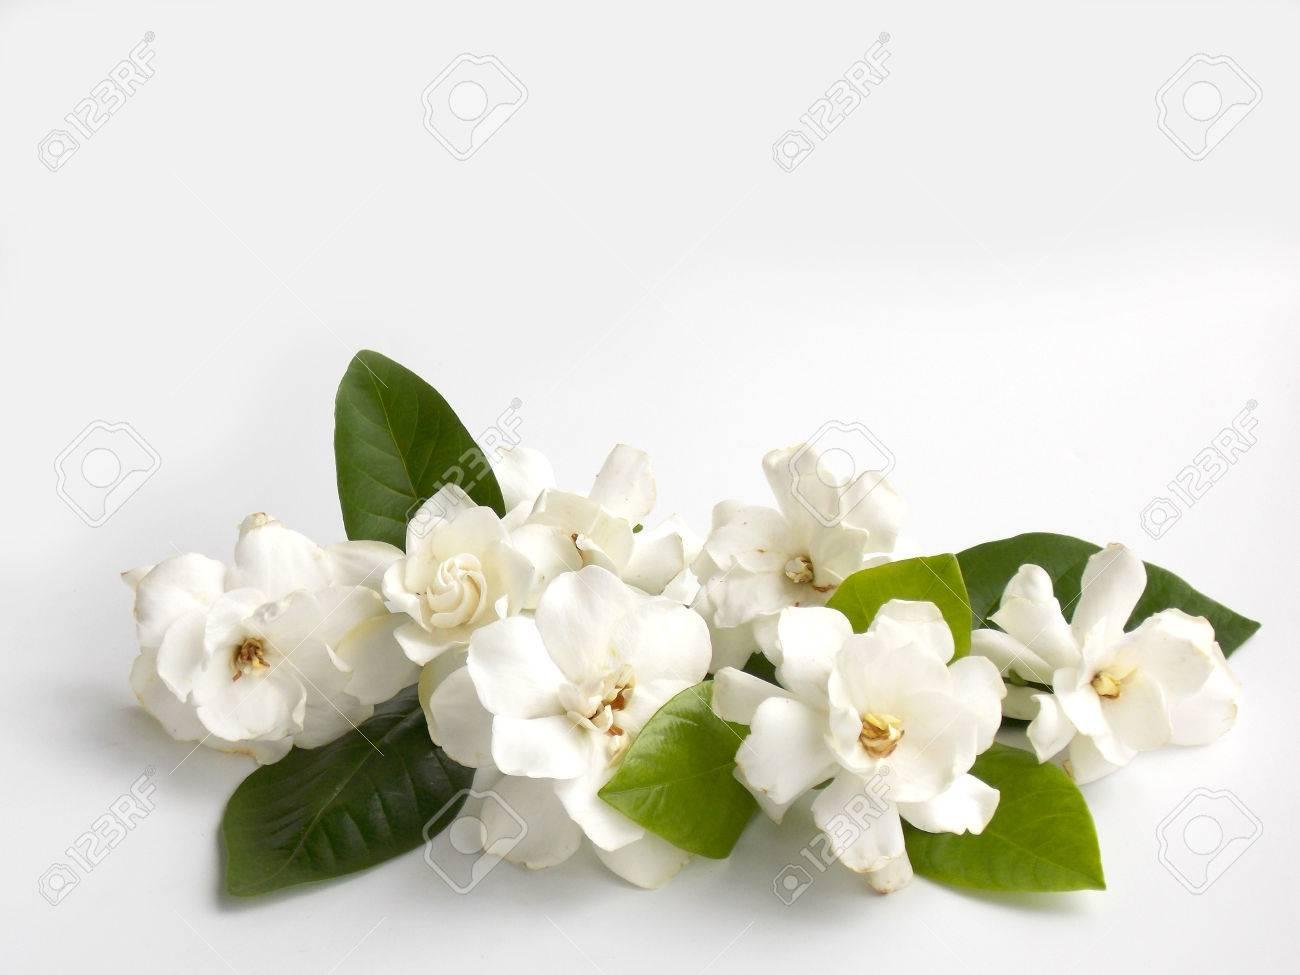 Beautiful white gardenia flower on white background stock photo beautiful white gardenia flower on white background stock photo 59057474 mightylinksfo